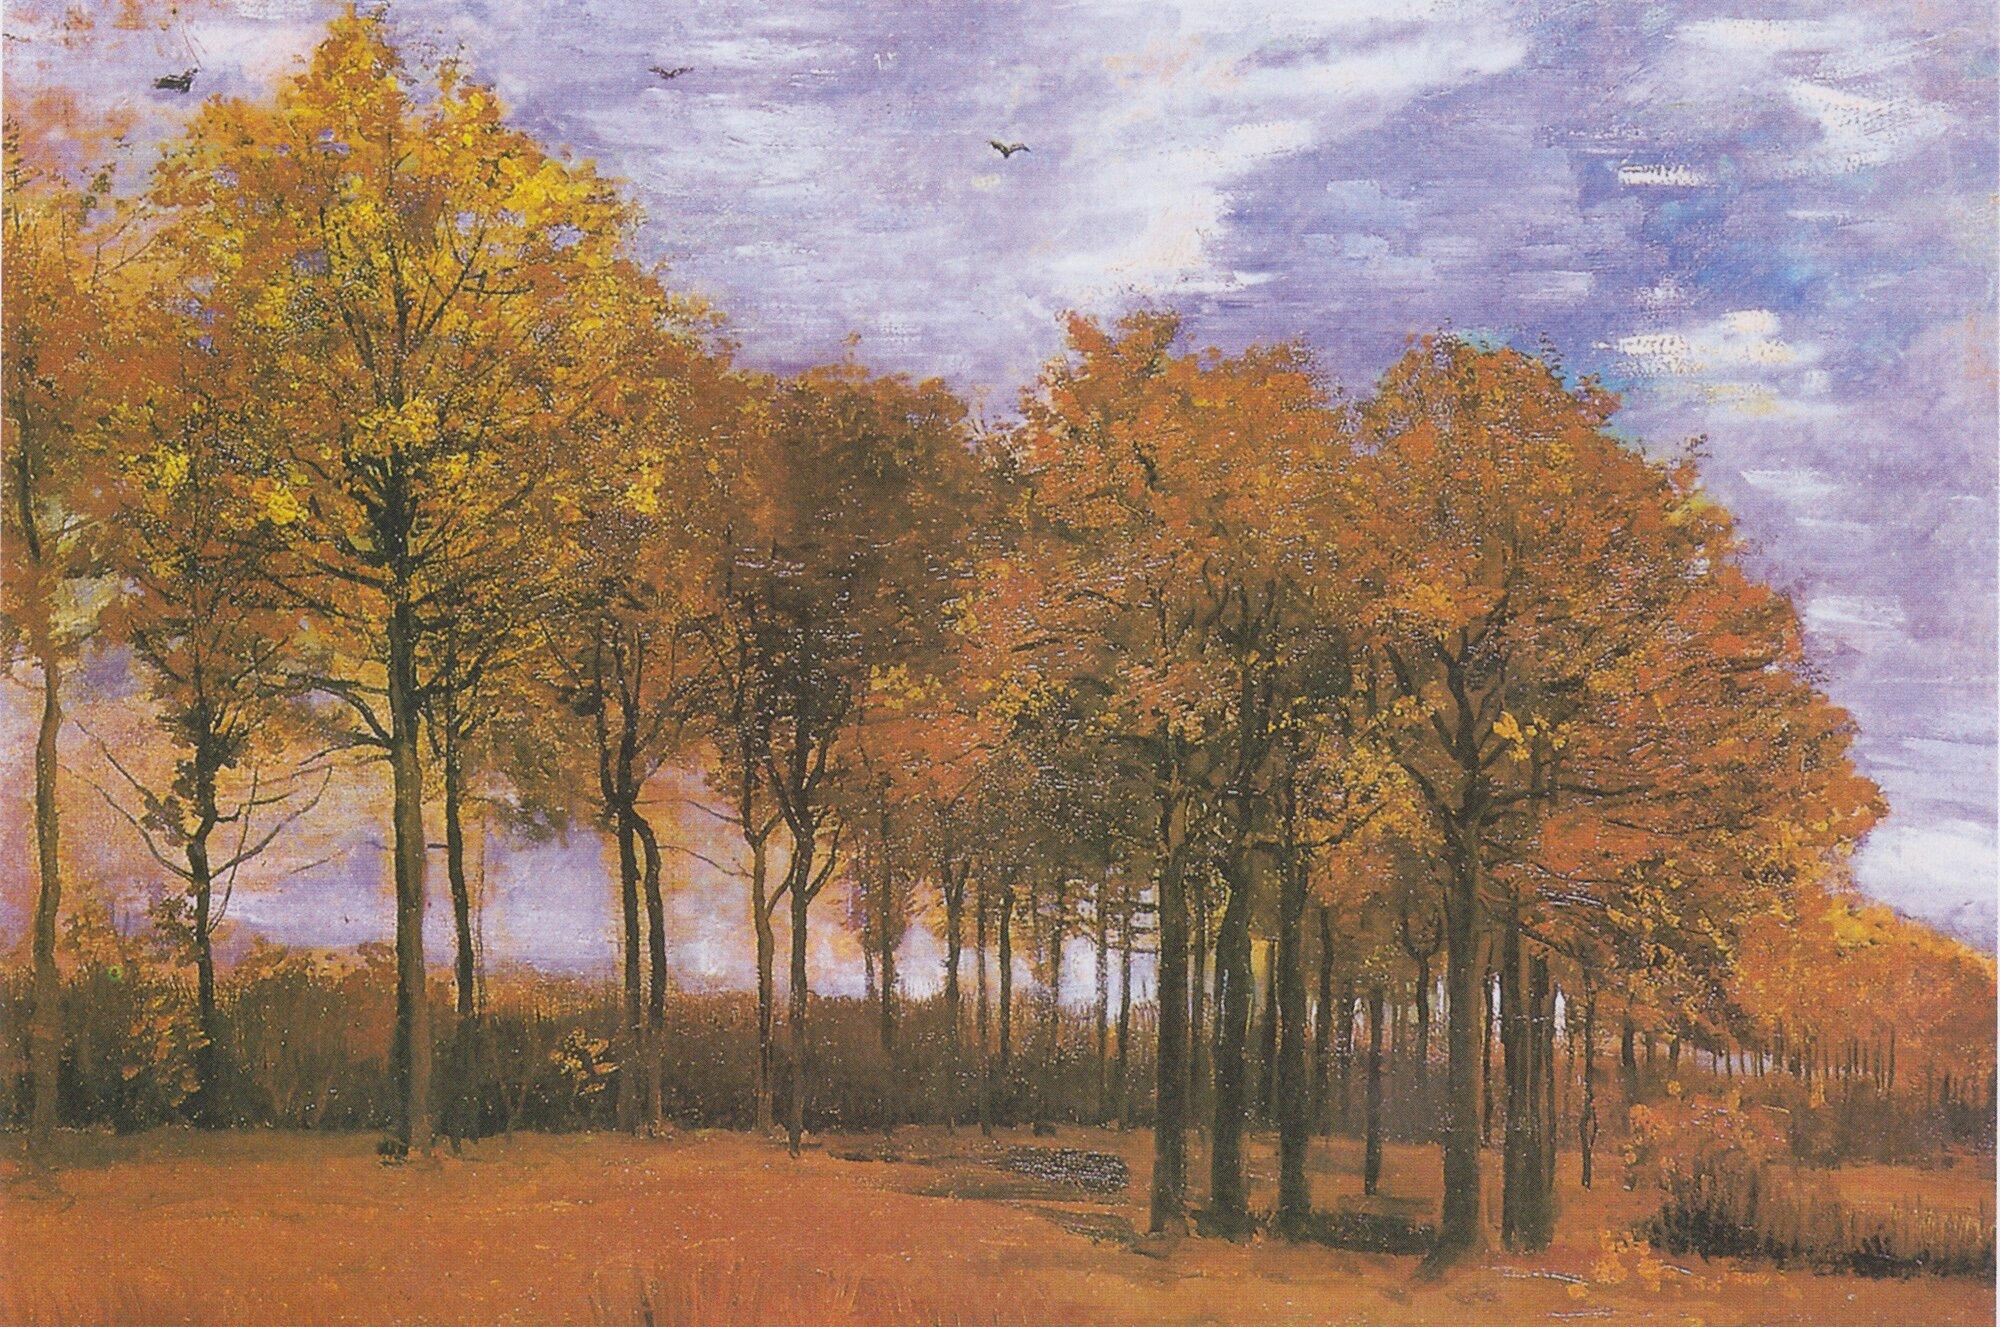 Jesienny pejzaż Źródło: Vincent van Gogh, Jesienny pejzaż, 1885, domena publiczna.